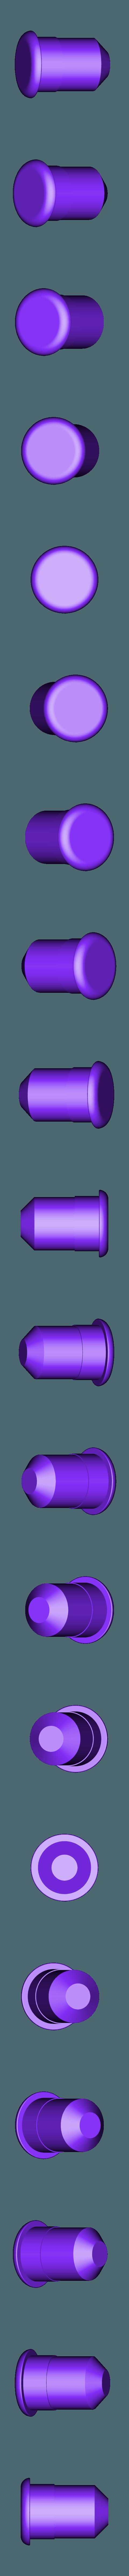 6 Vis X2.stl Télécharger fichier STL gratuit FanArt d'une Grenade Gaz • Design à imprimer en 3D, cedland